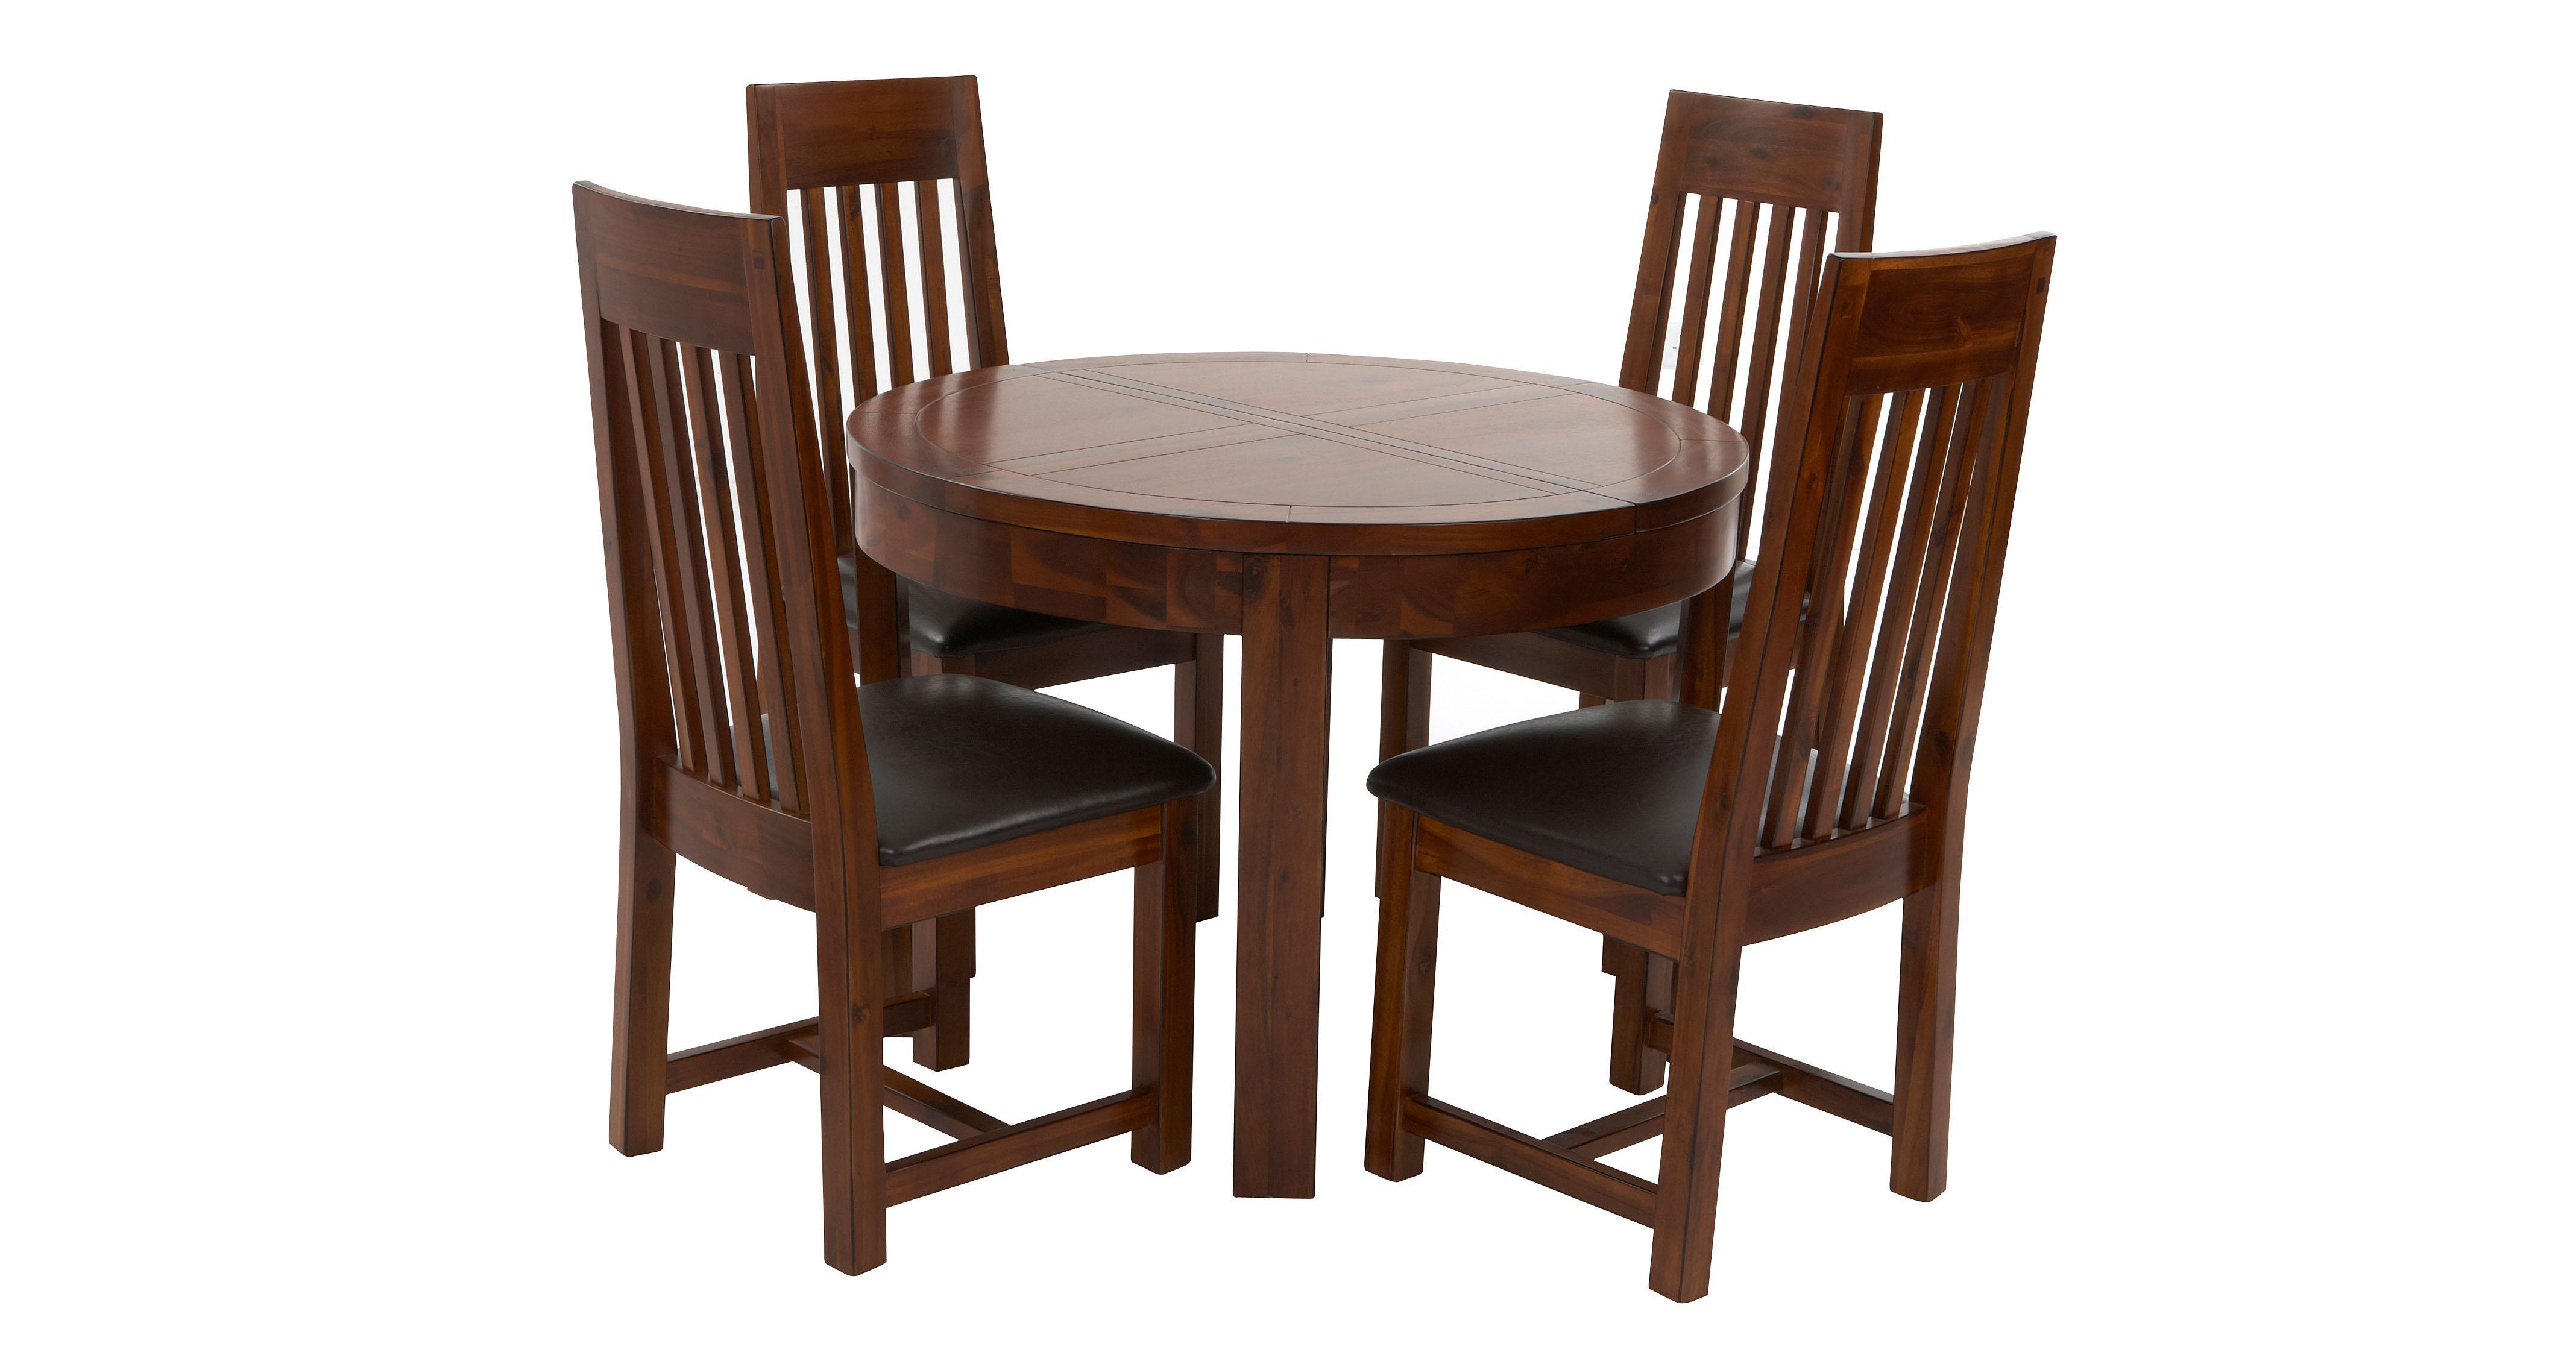 Uitschuifbare ronde tafel unique teak eettafel uitschuifbaar